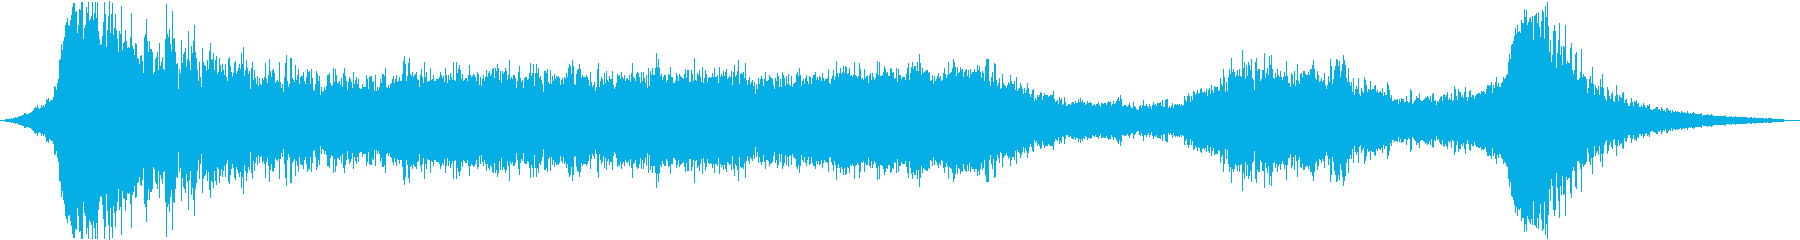 【ホラー】 シーン 「凛音」の再生済みの波形